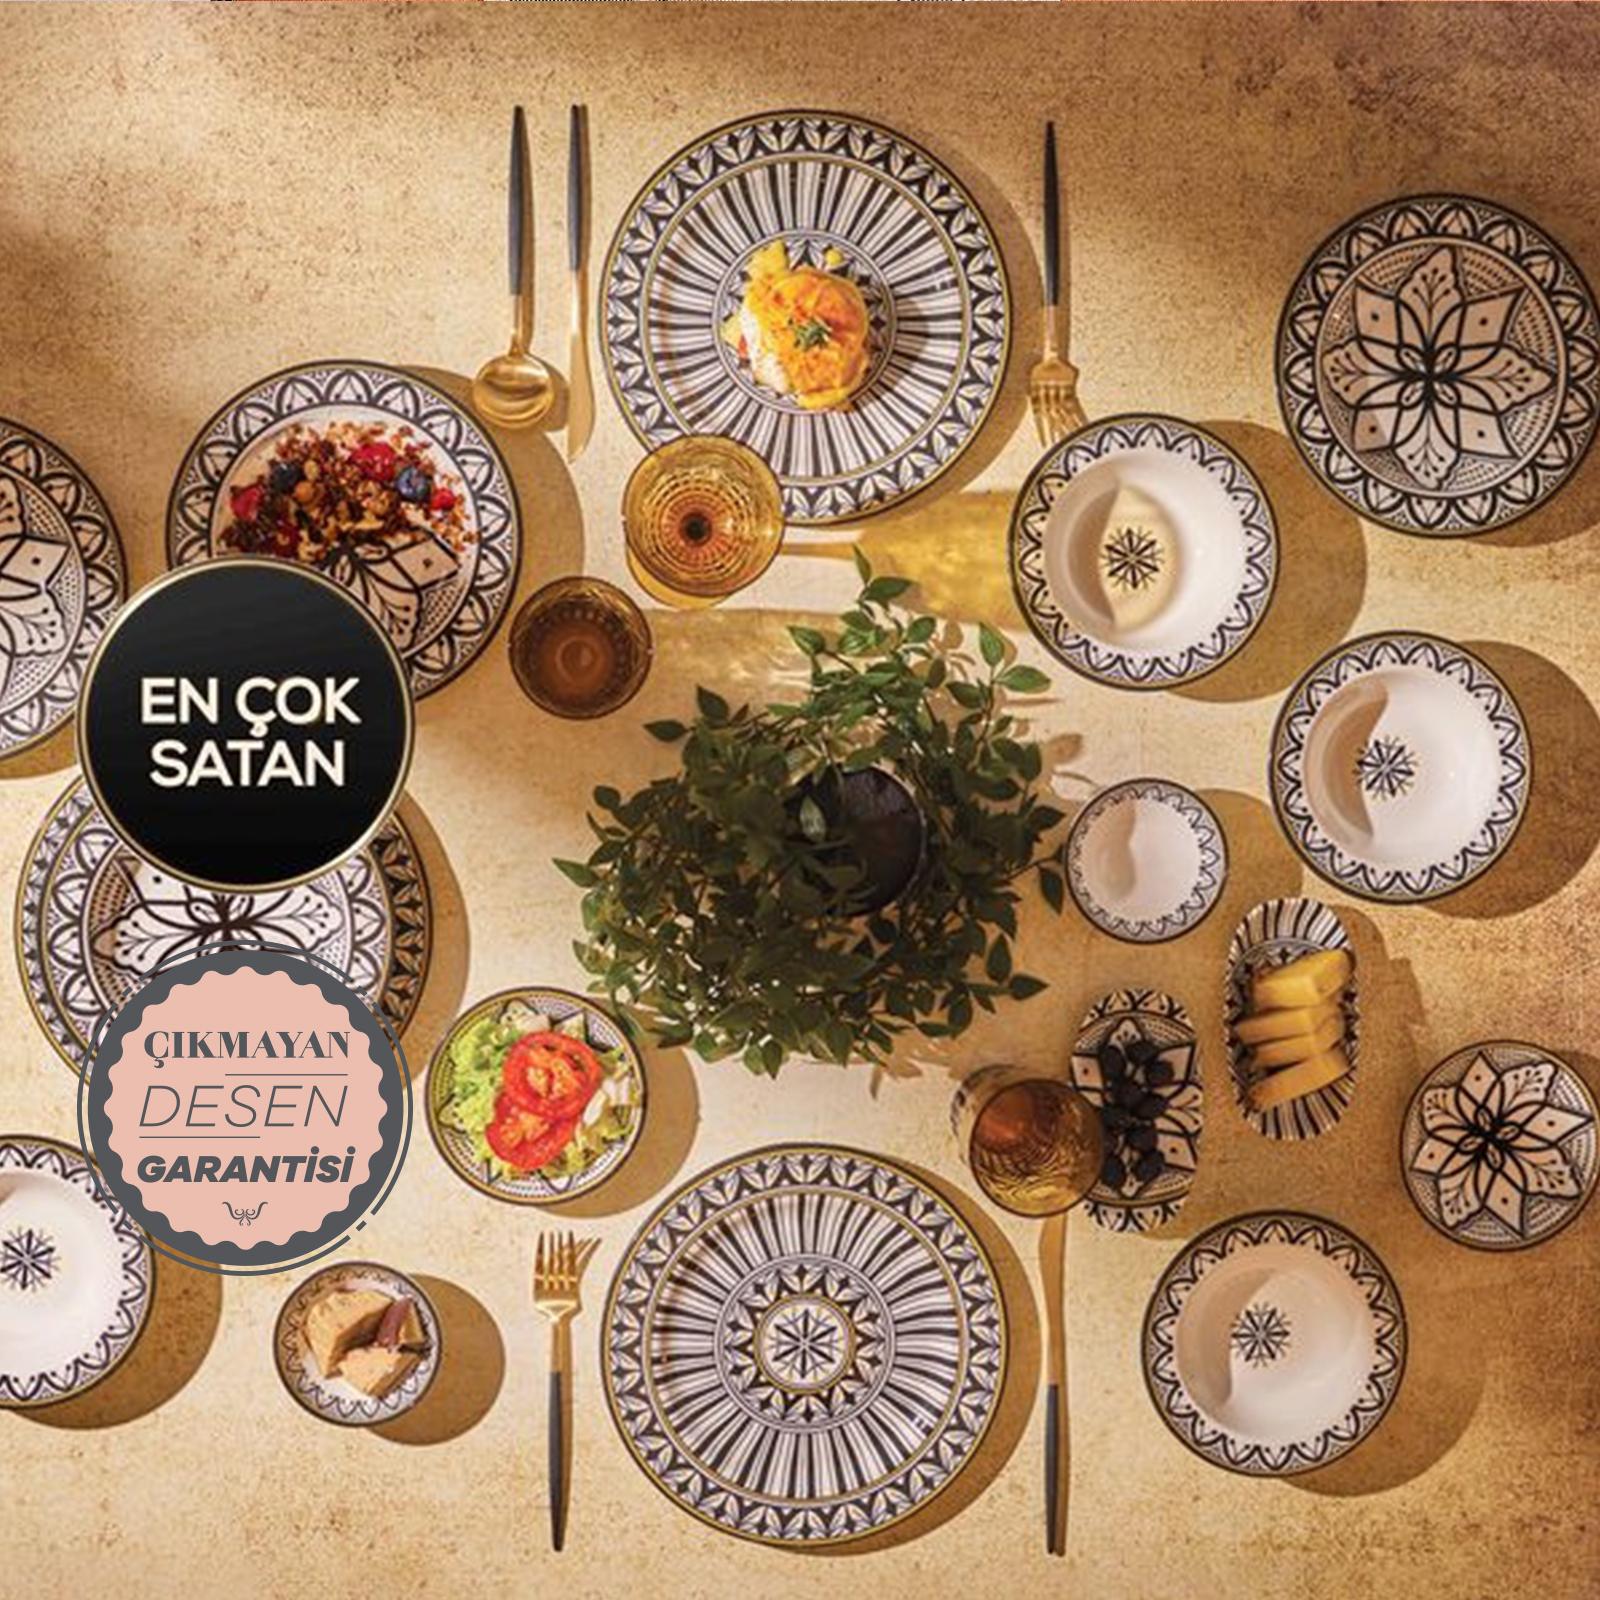 Karaca Bocelli 26 Parça 6 Kişilik Yemek ve Kahvaltı Takımı